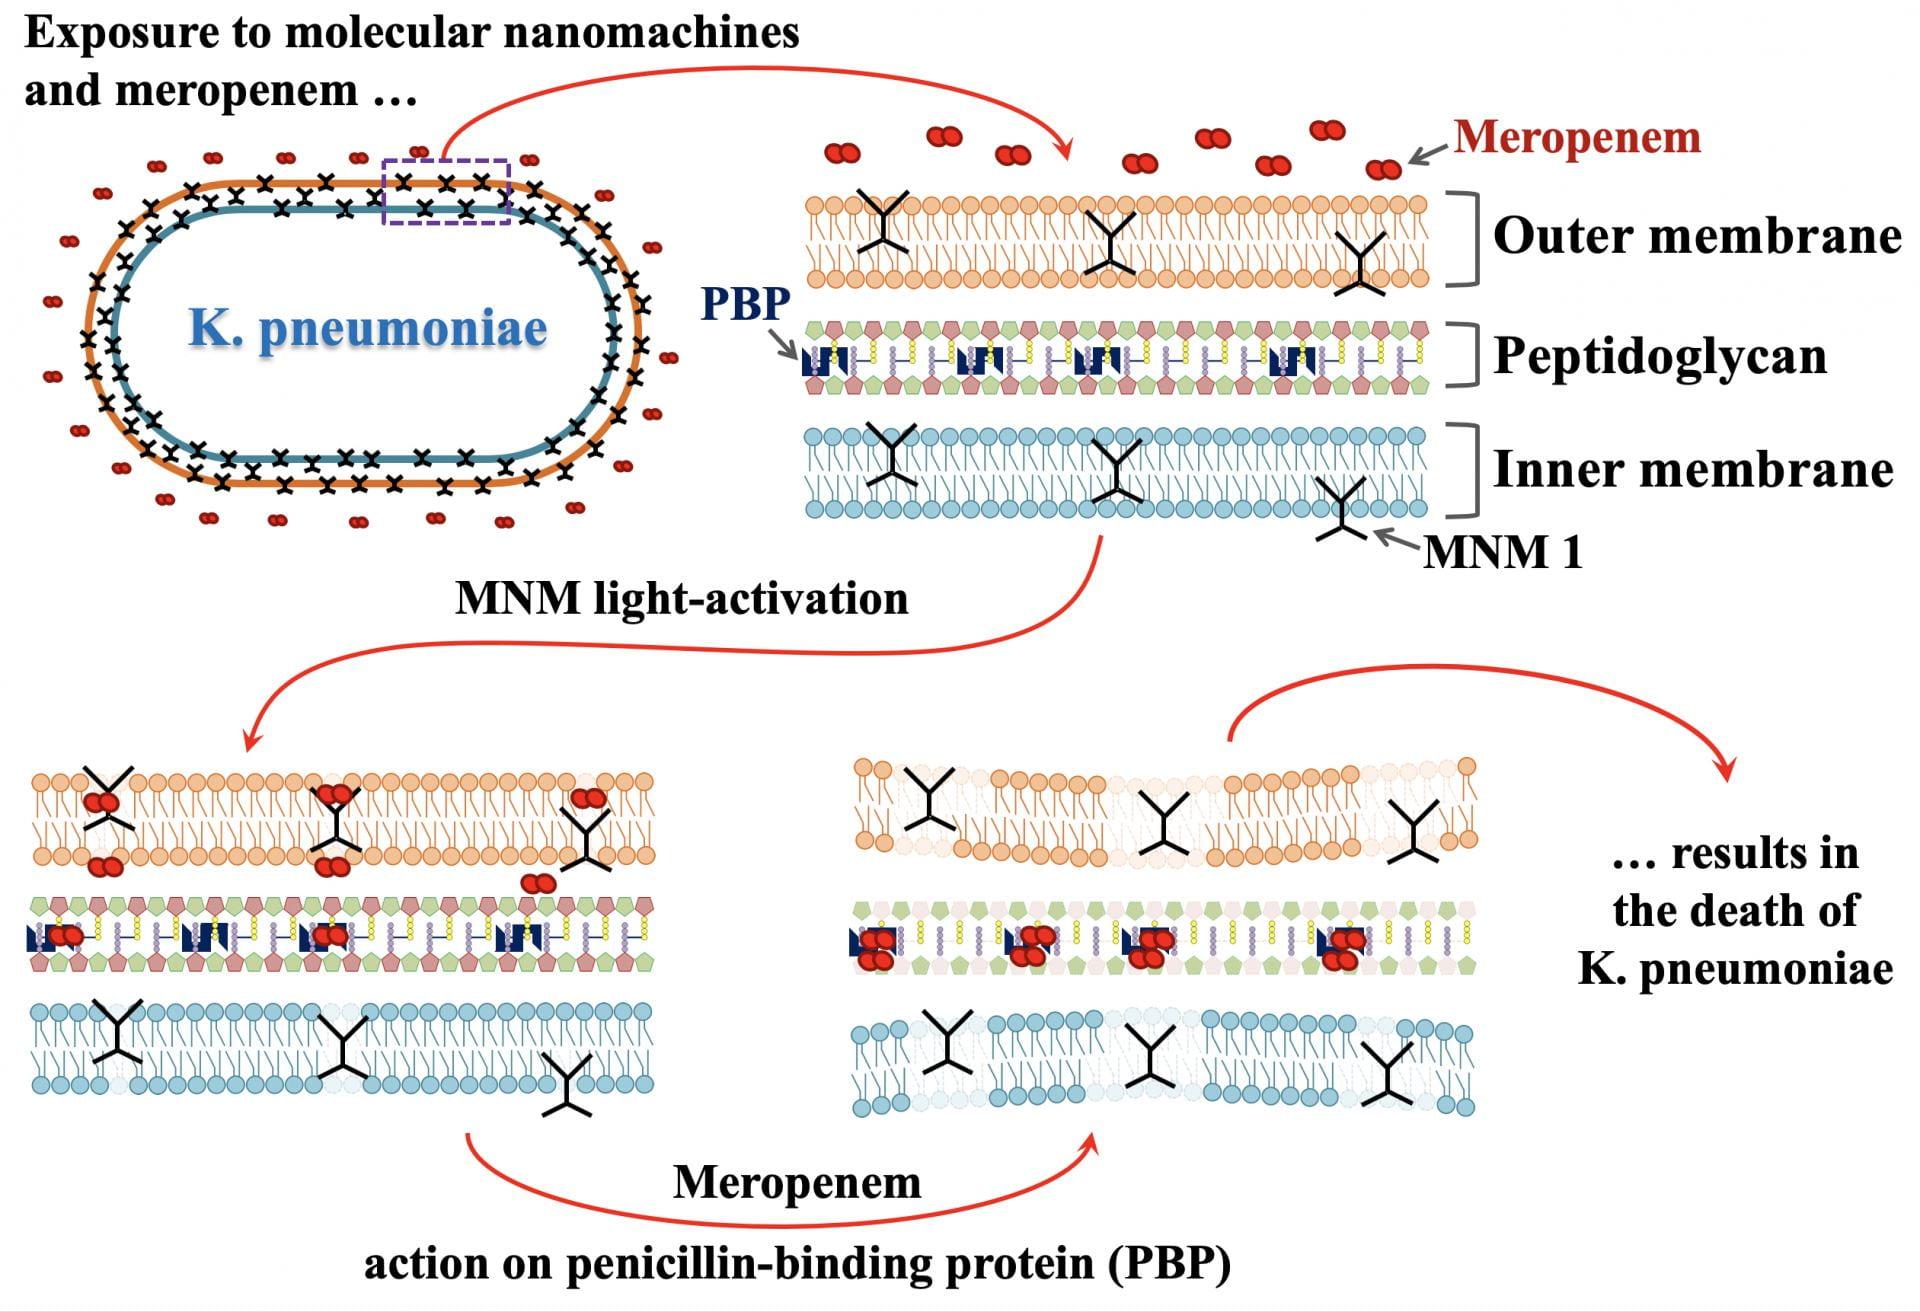 Ilustración de cómo las máquinas moleculares activadas por la luz perforan las bacterias, creando un camino para los antibióticos.Ilustración de Don Thushara Galbadage.